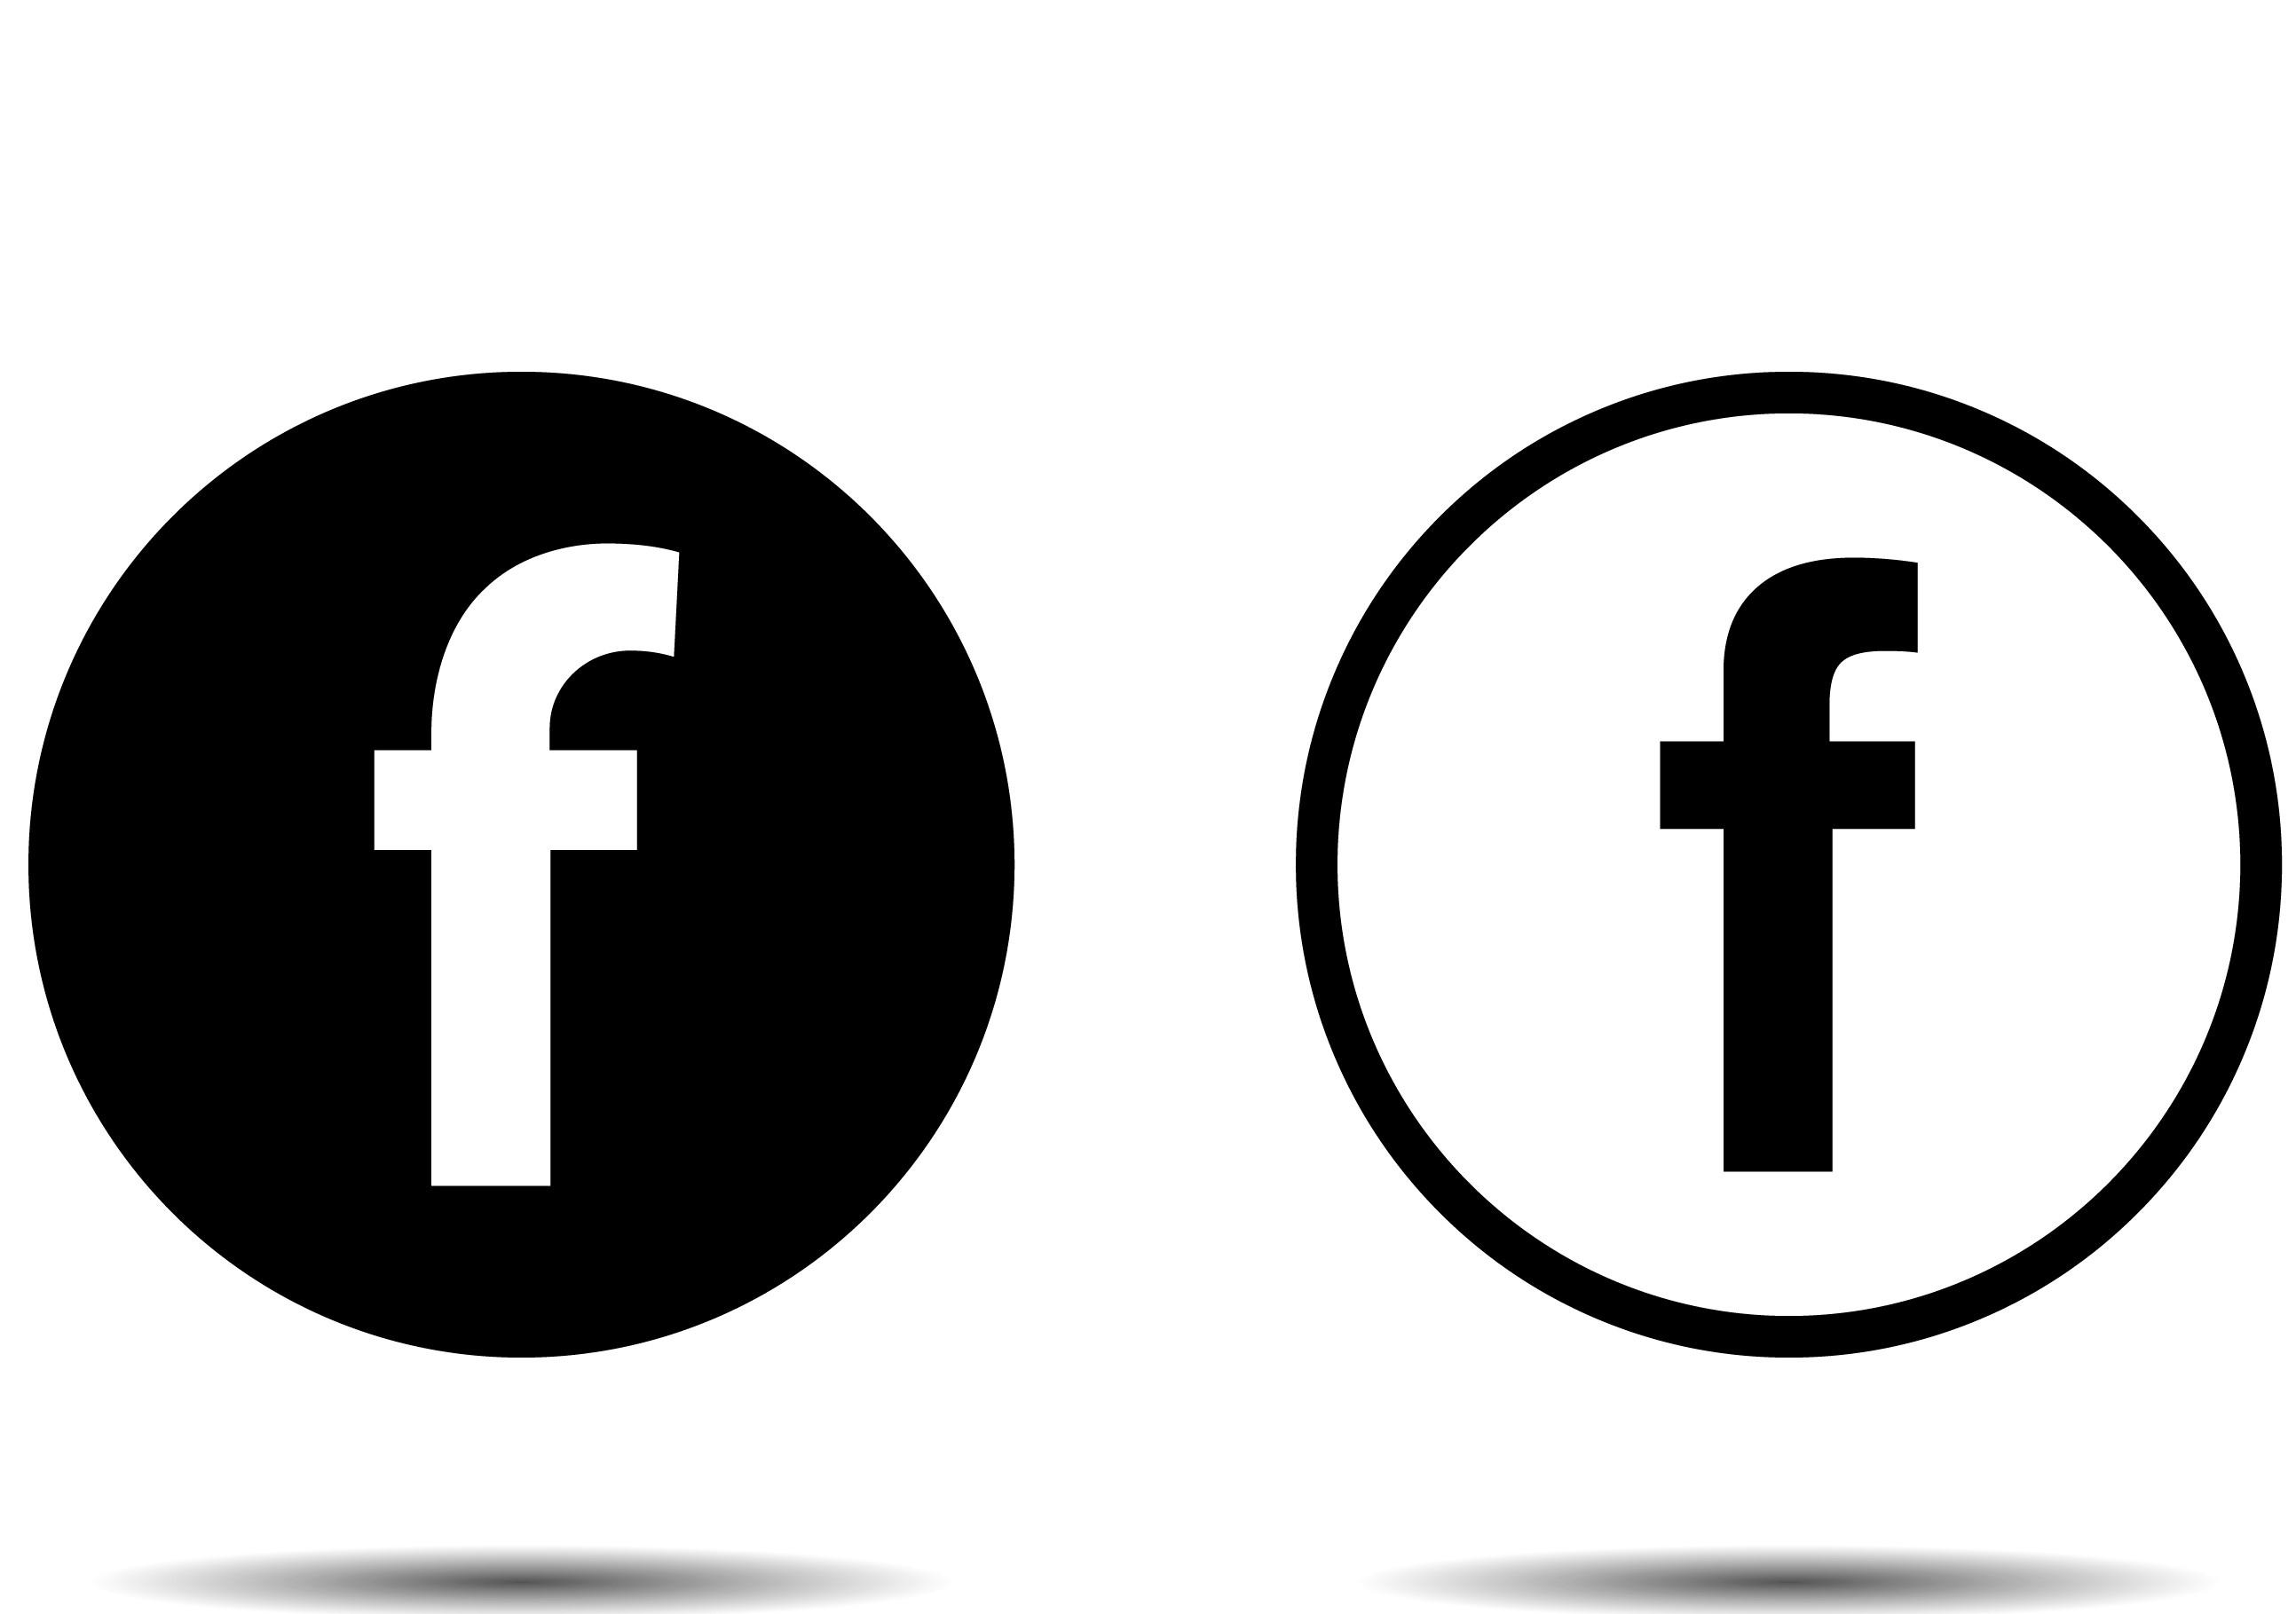 블록체인과 프라이버시 1부: 페이스북 스캔들